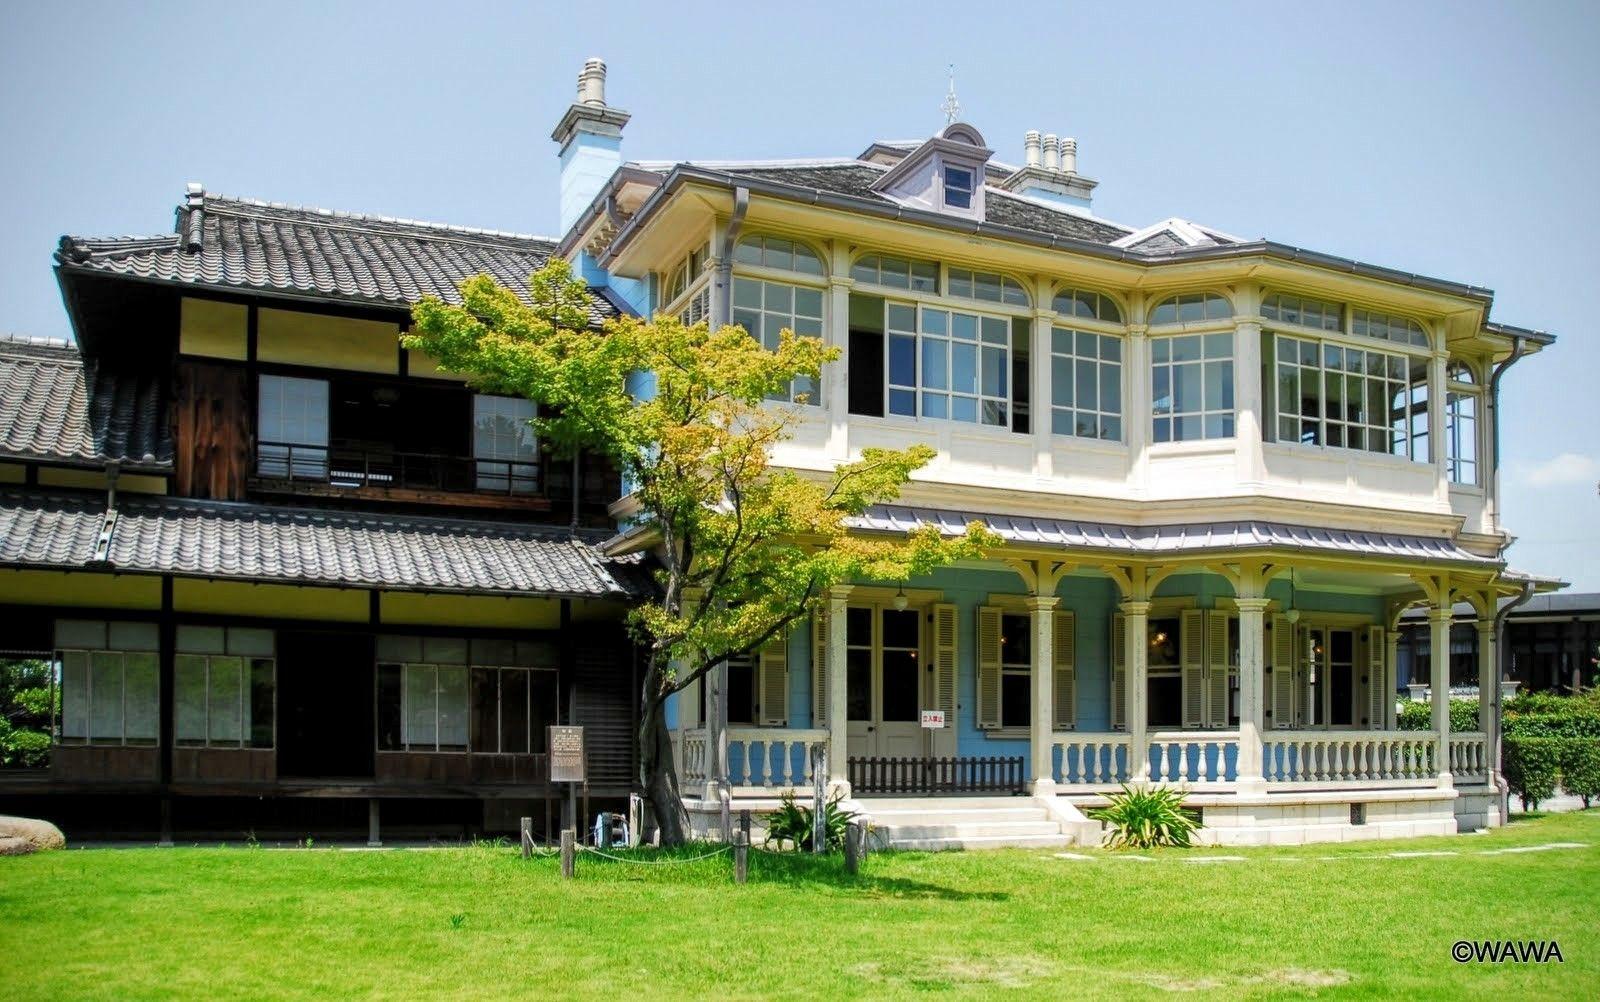 六華苑 旧諸戸家住宅 三重県桑名市 和館1912年 洋館1913年